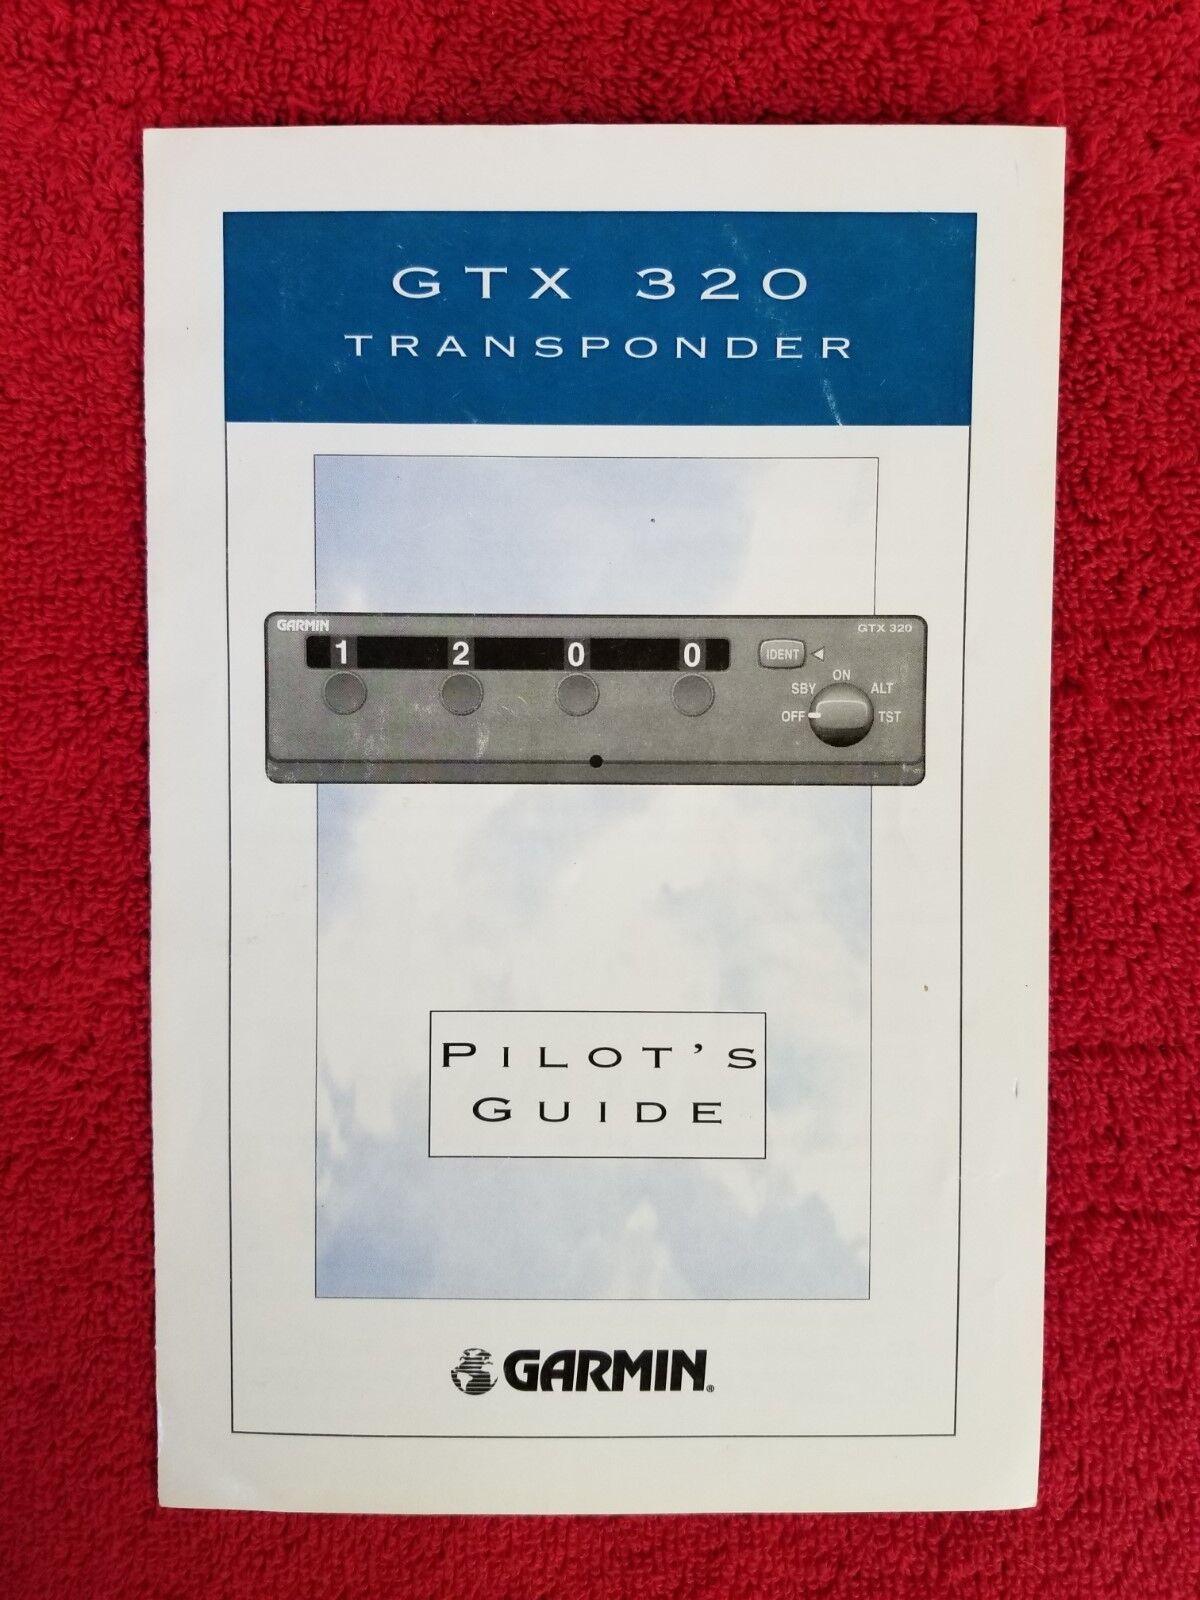 GARMIN GTX320 TRANSPONDER PILOTS GUIDE